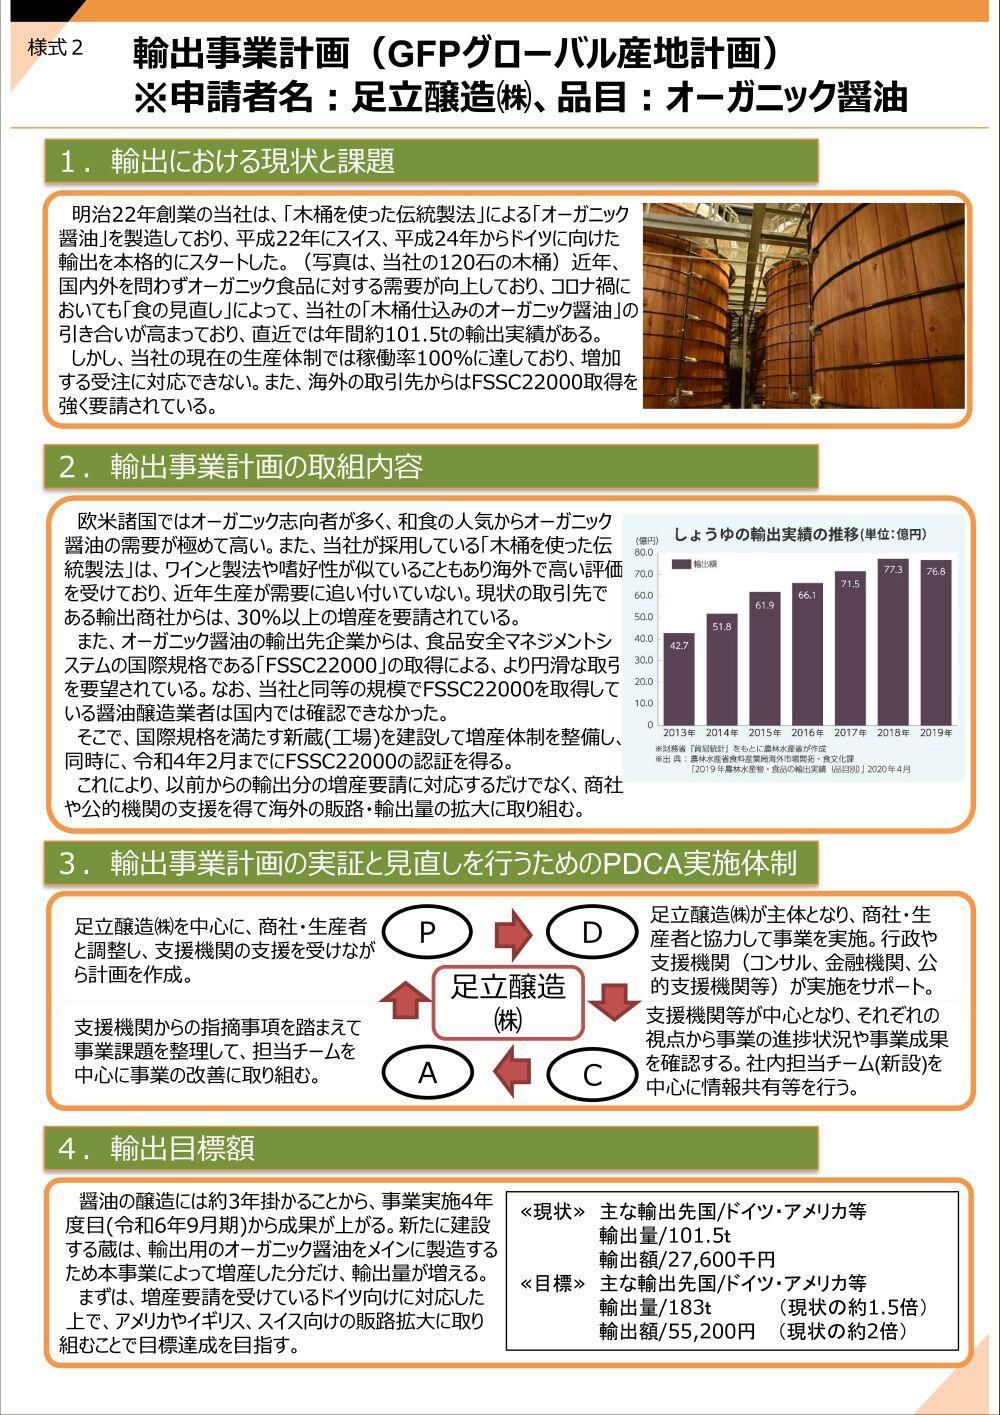 農水省輸出事業計画に認定:足立醸造株式会社